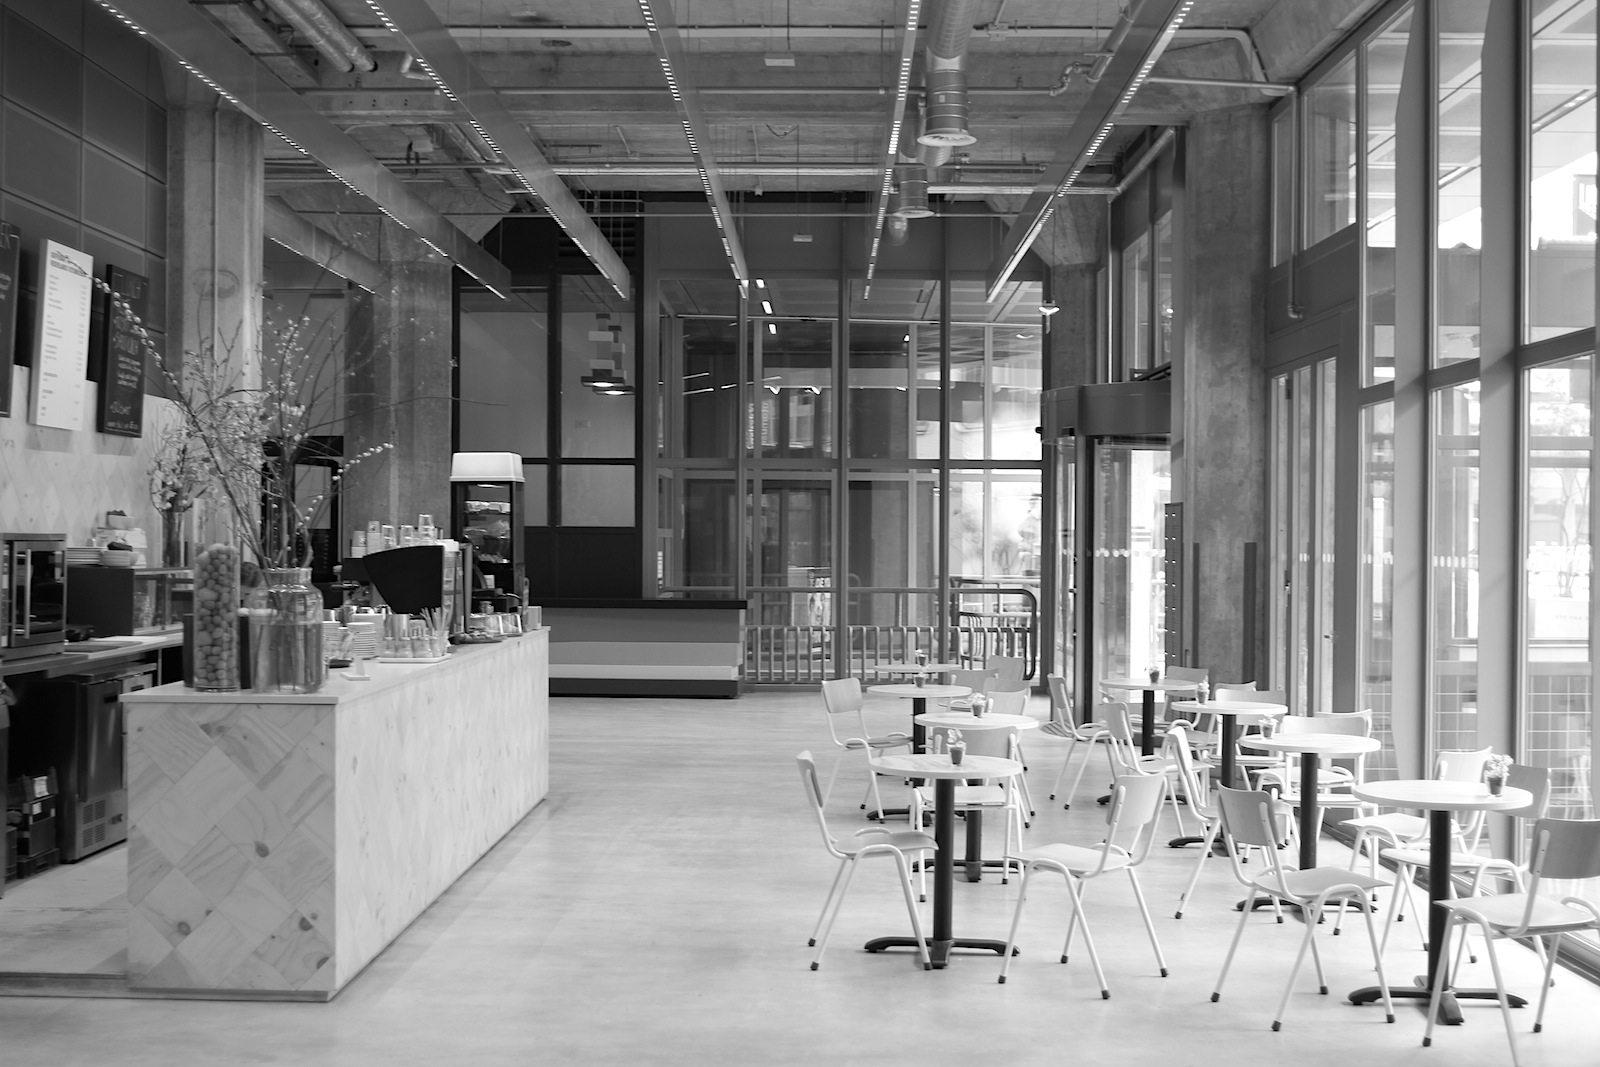 Nederlands Fotomuseum. Benthem Crouwel erschafft seit über drei Jahrzehnten innovativ-effiziente Architekturen. Zu ihren Werken zählen die Erweiterung des Anne Frank Haus, das Bergbau-Museum und der Ziggo Dome.